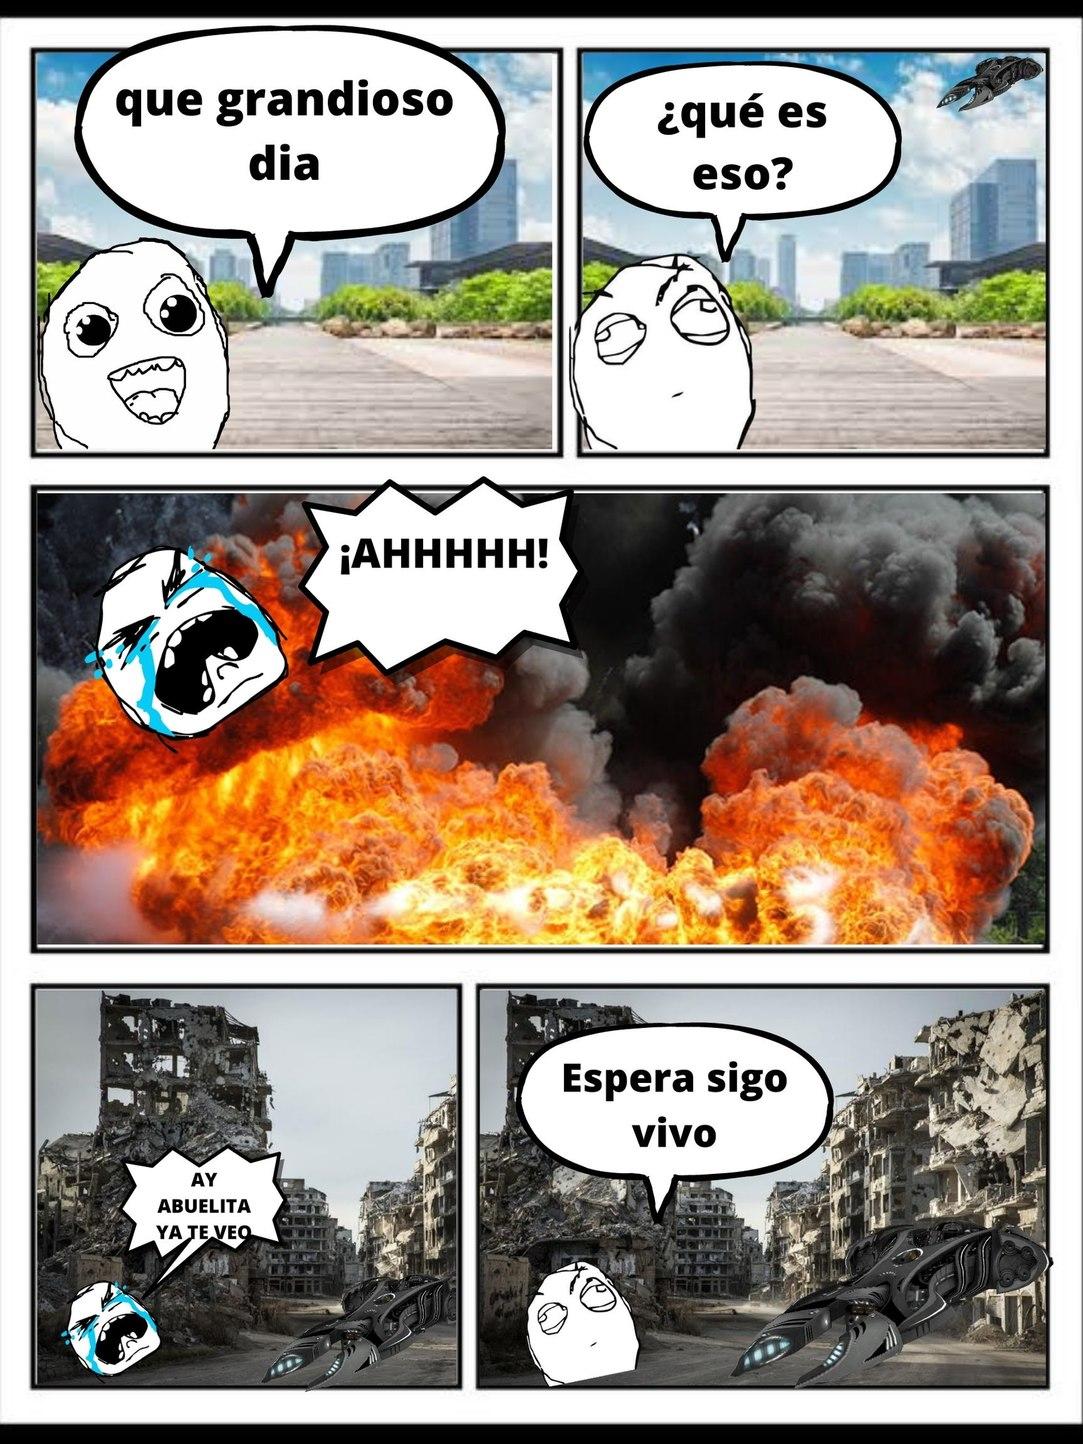 CAPITULO 0 DE HEROES DEL MAÑANA, esperense que todavia no acabo solo es una parte del comic - meme